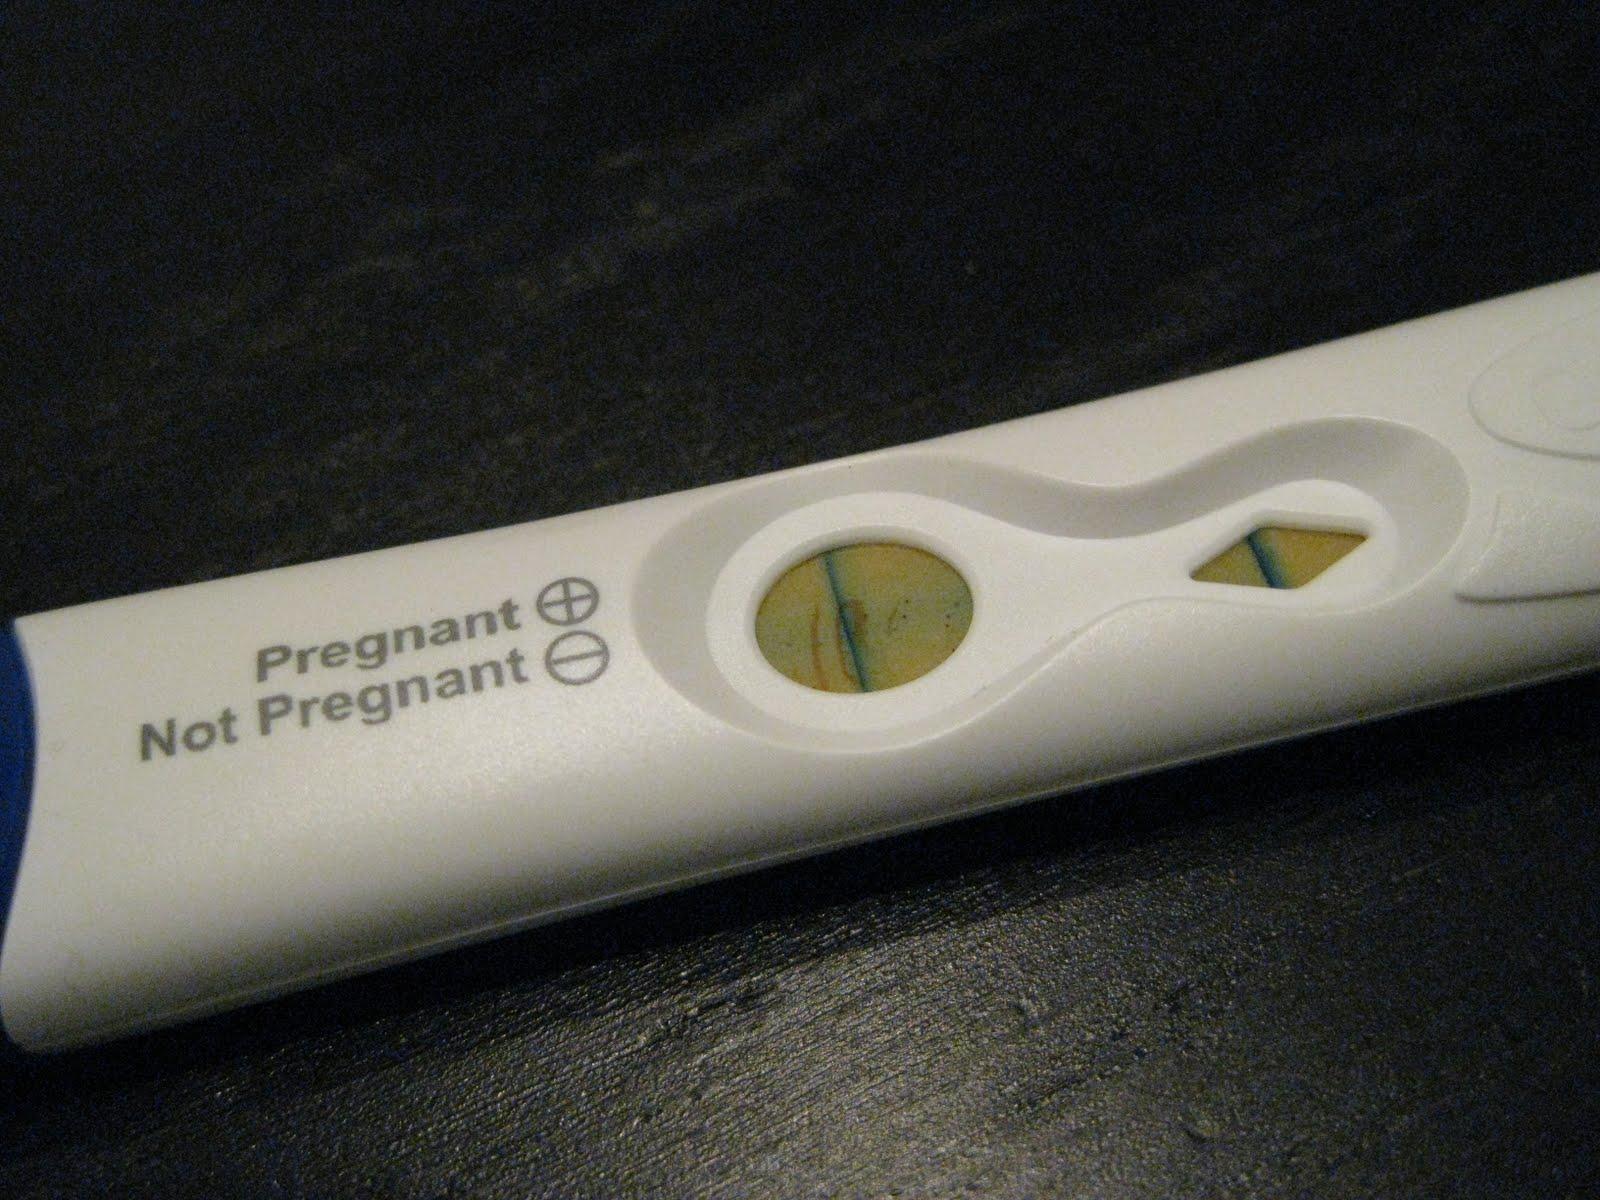 Pregnancy test positive next day negative